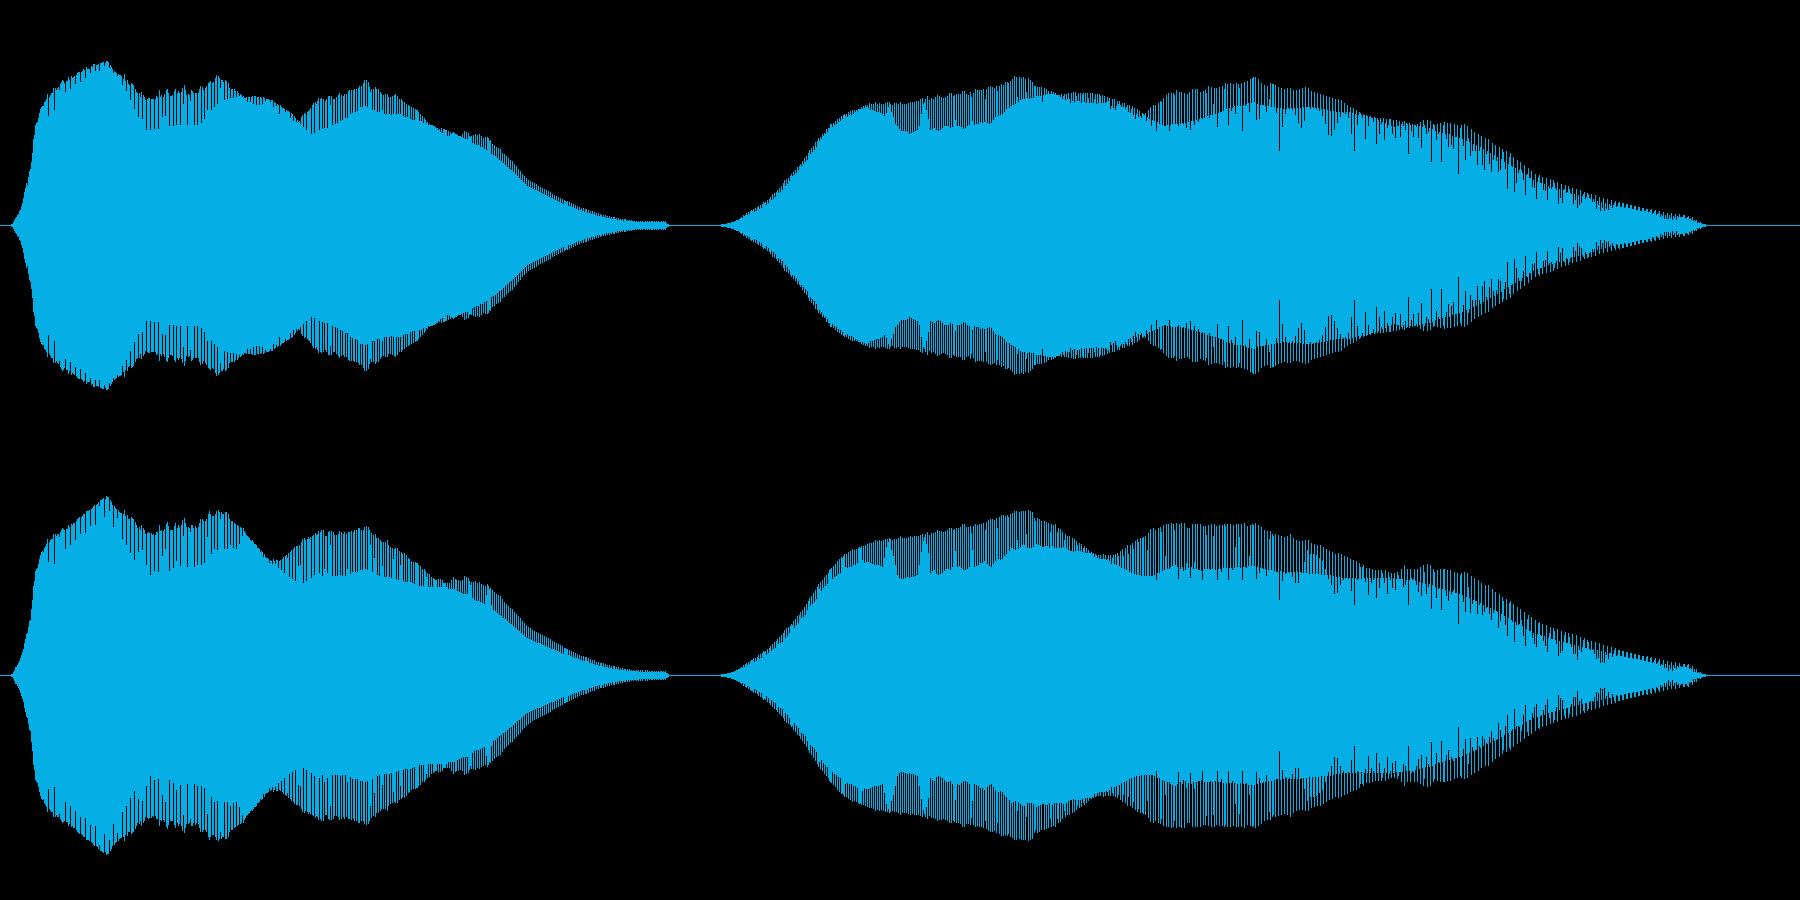 ふわふわ(2段階・ダウンで終わる効果音)の再生済みの波形